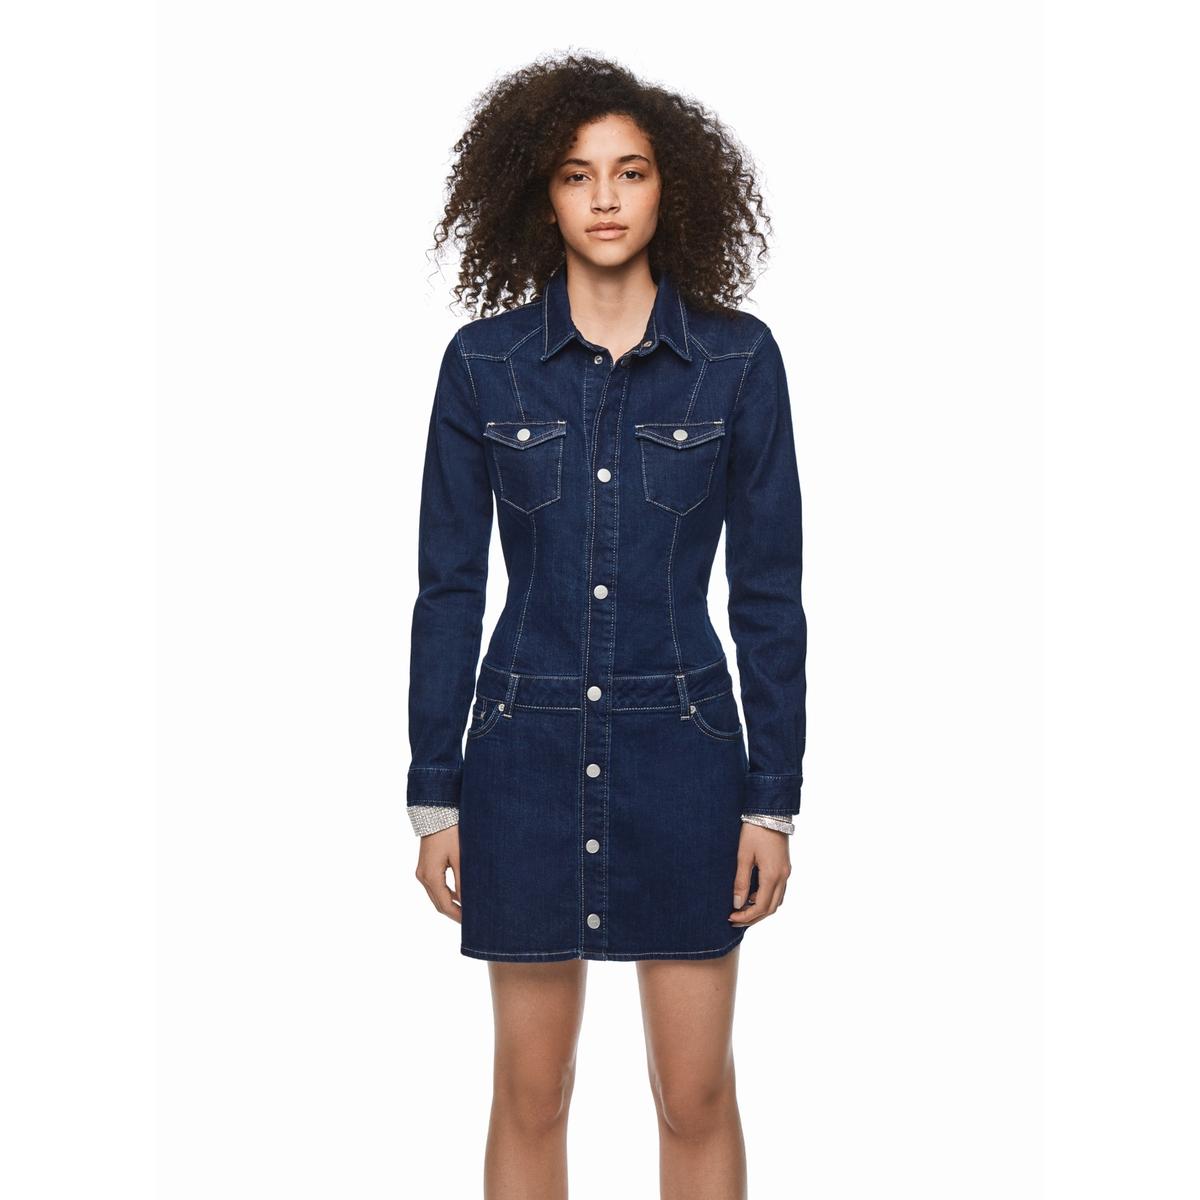 цена Платье La Redoute Короткое с длинными рукавами джинсовое XS синий в интернет-магазинах